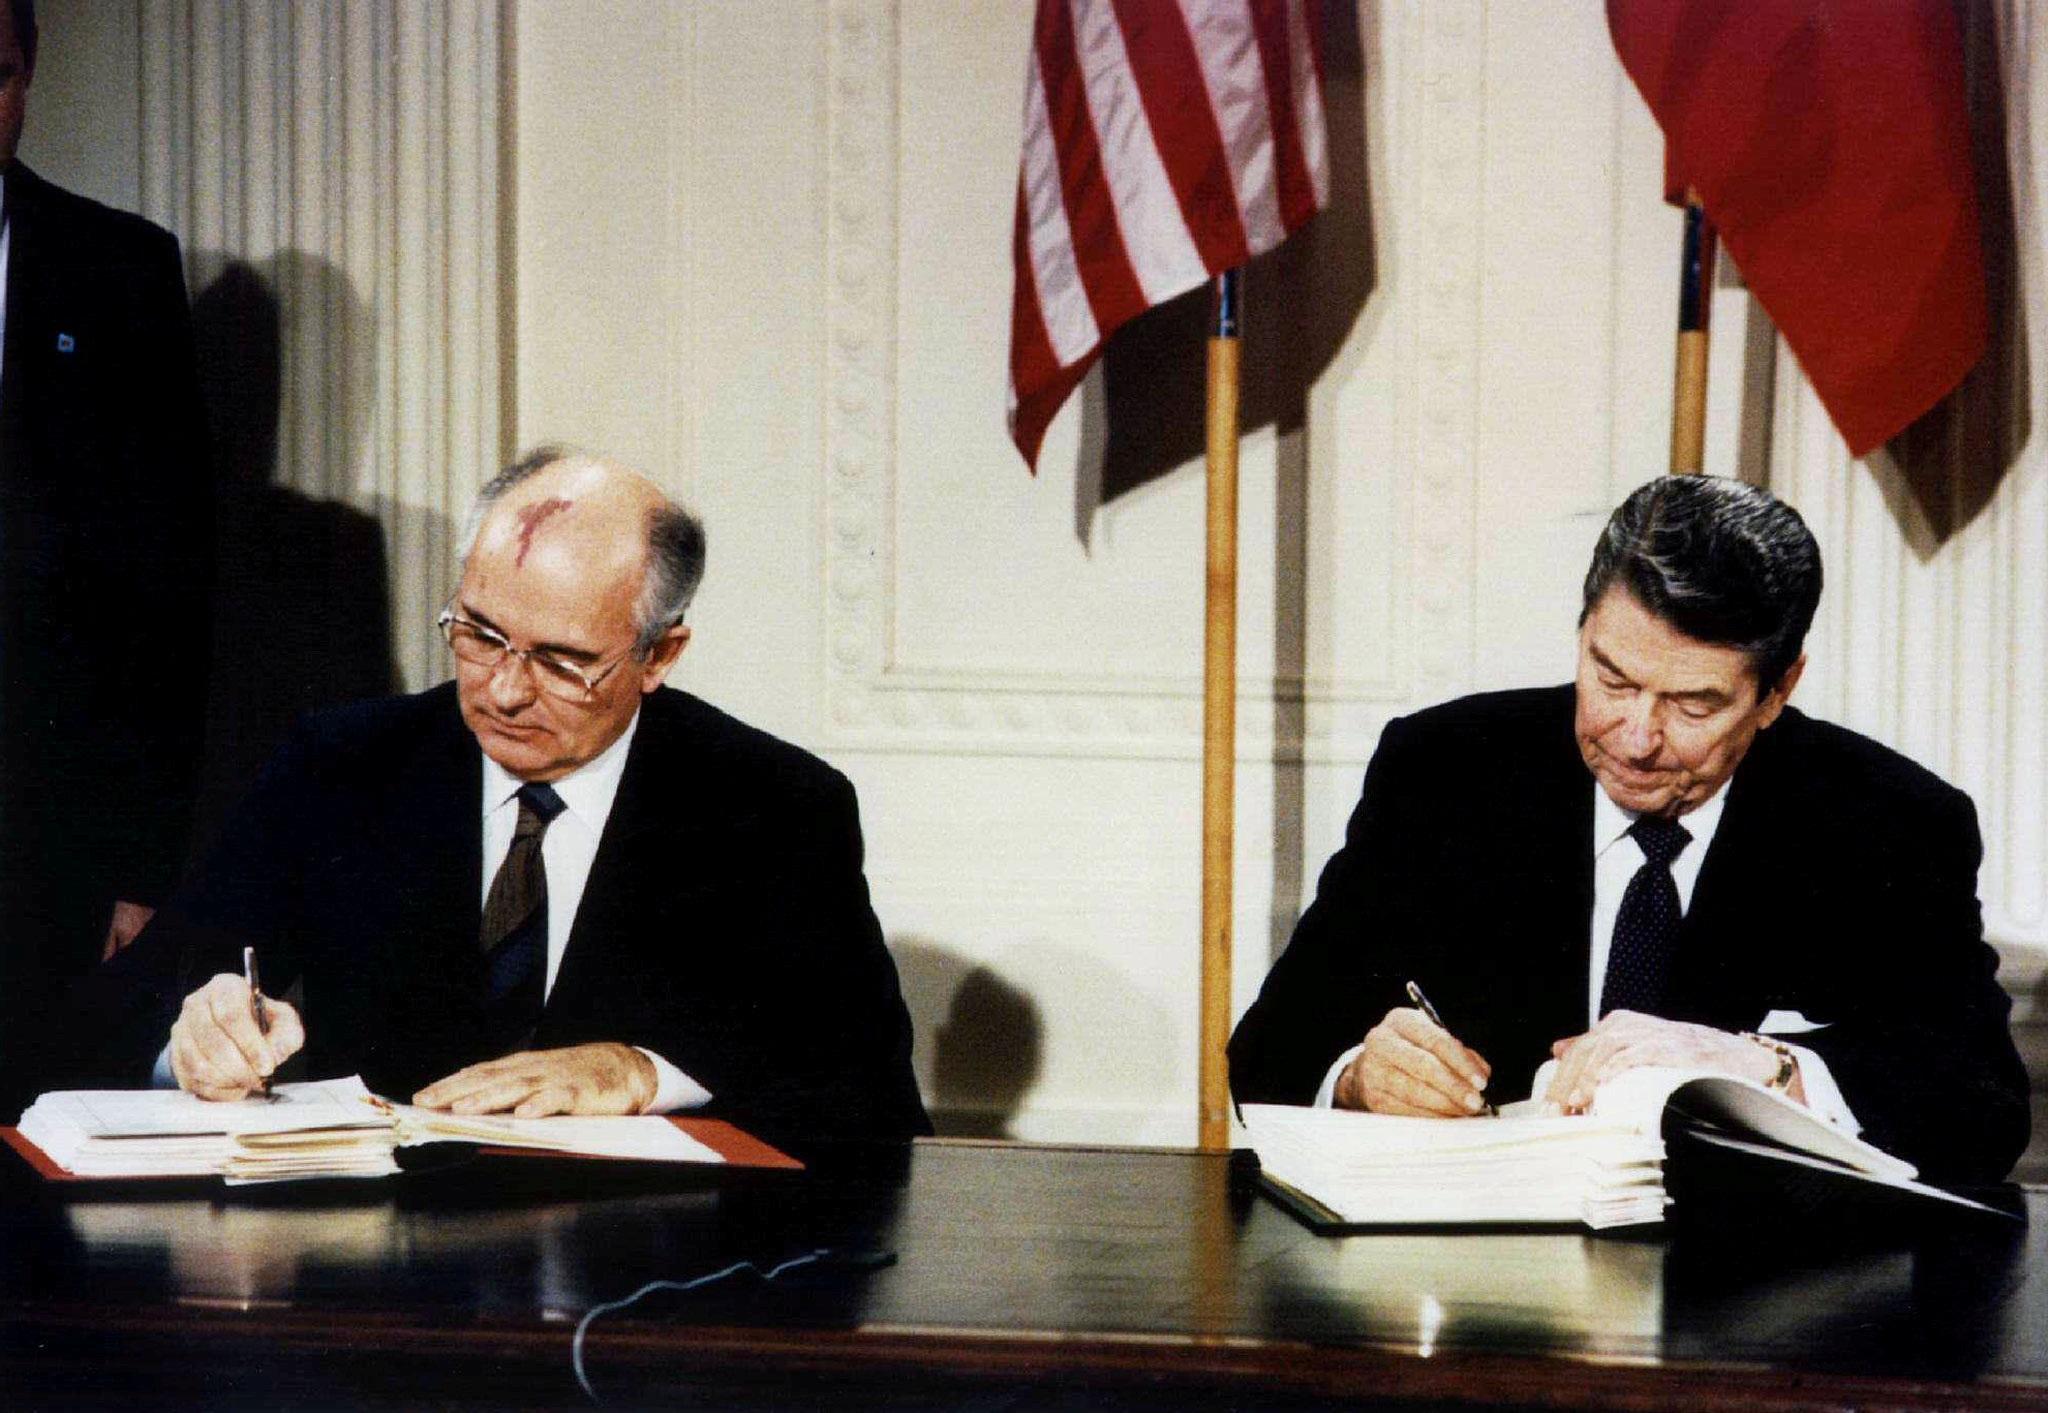 Γκορμπατσόφ: Η Δύση αυτοανακηρύχθηκε νικήτρια του Ψυχρού Πολέμου!